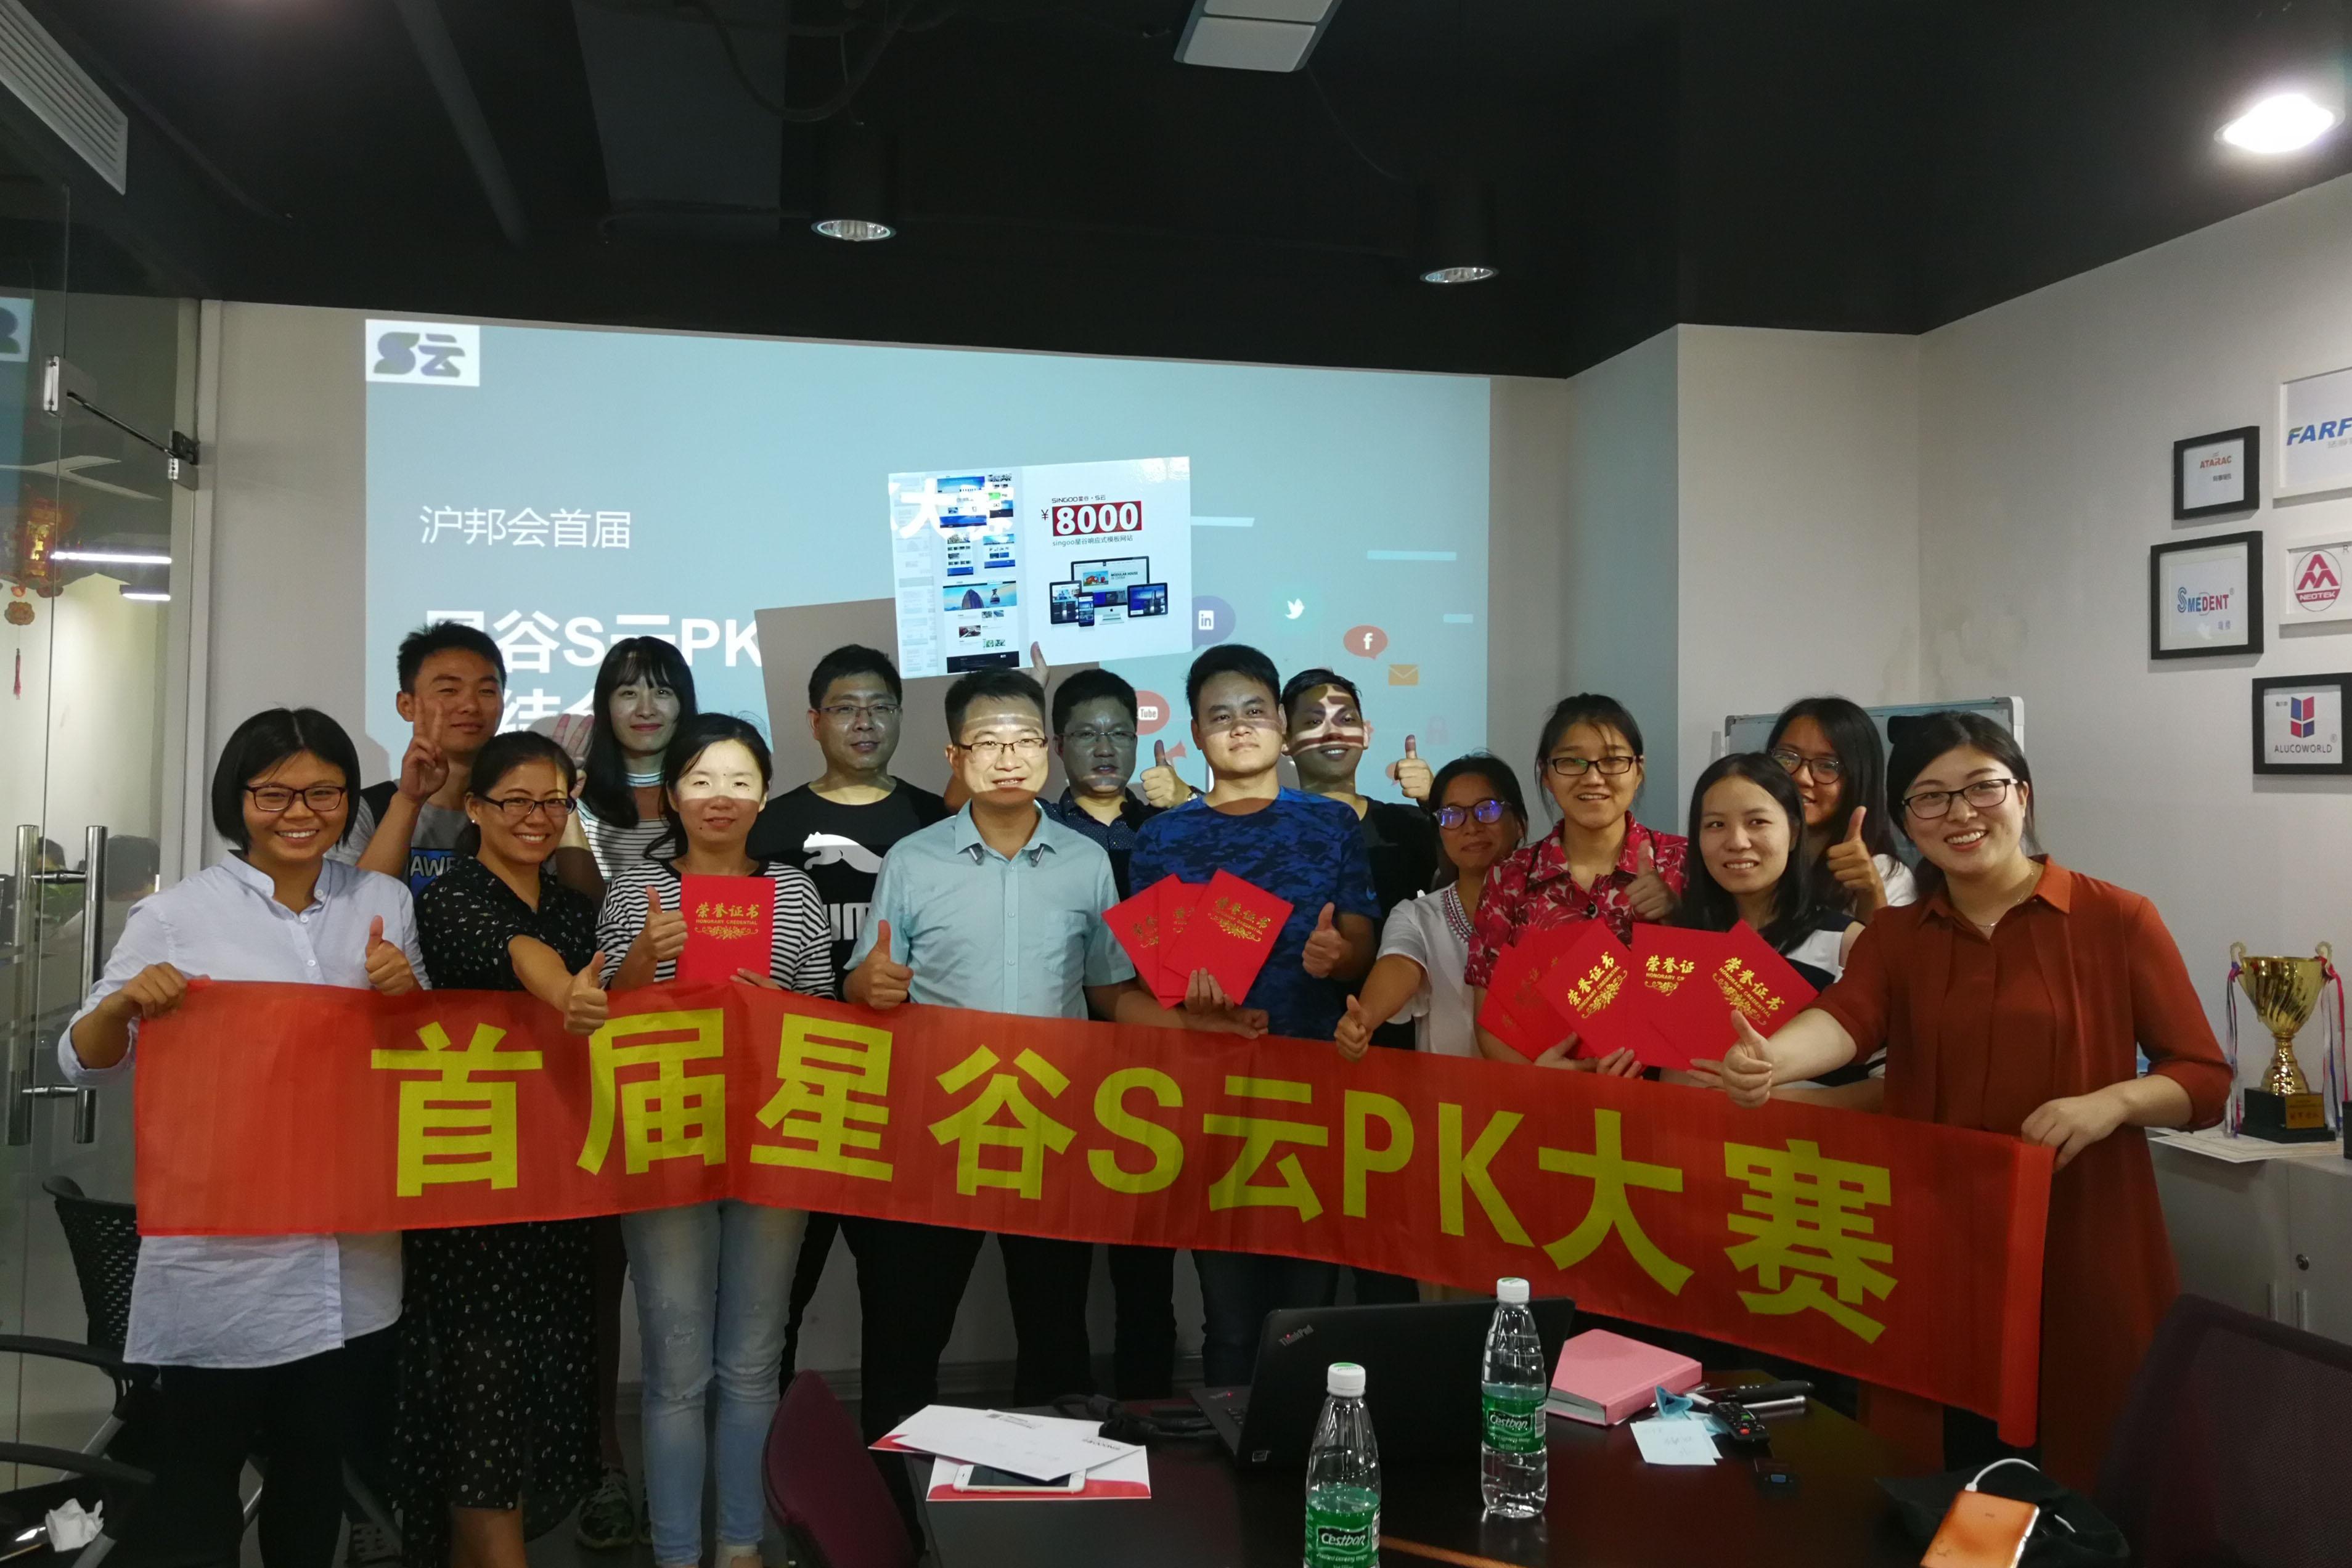 首届沪邦会星谷S云PK大赛完美落幕,谁是最终大赢家?